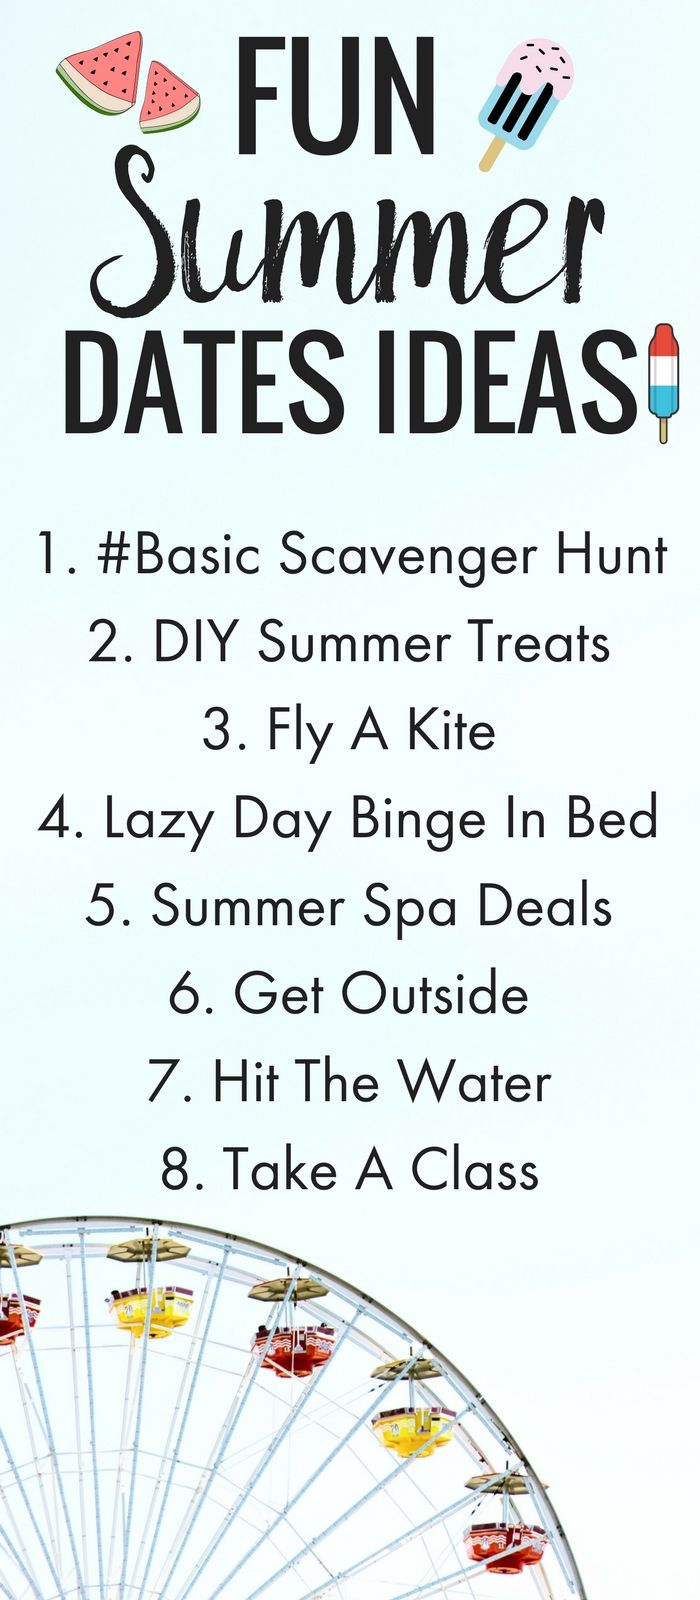 cheap summer date ideas, summer bucket list, summer date ideas for couples, summer dates ideas, summer dates for couples, summer date ideas any budget